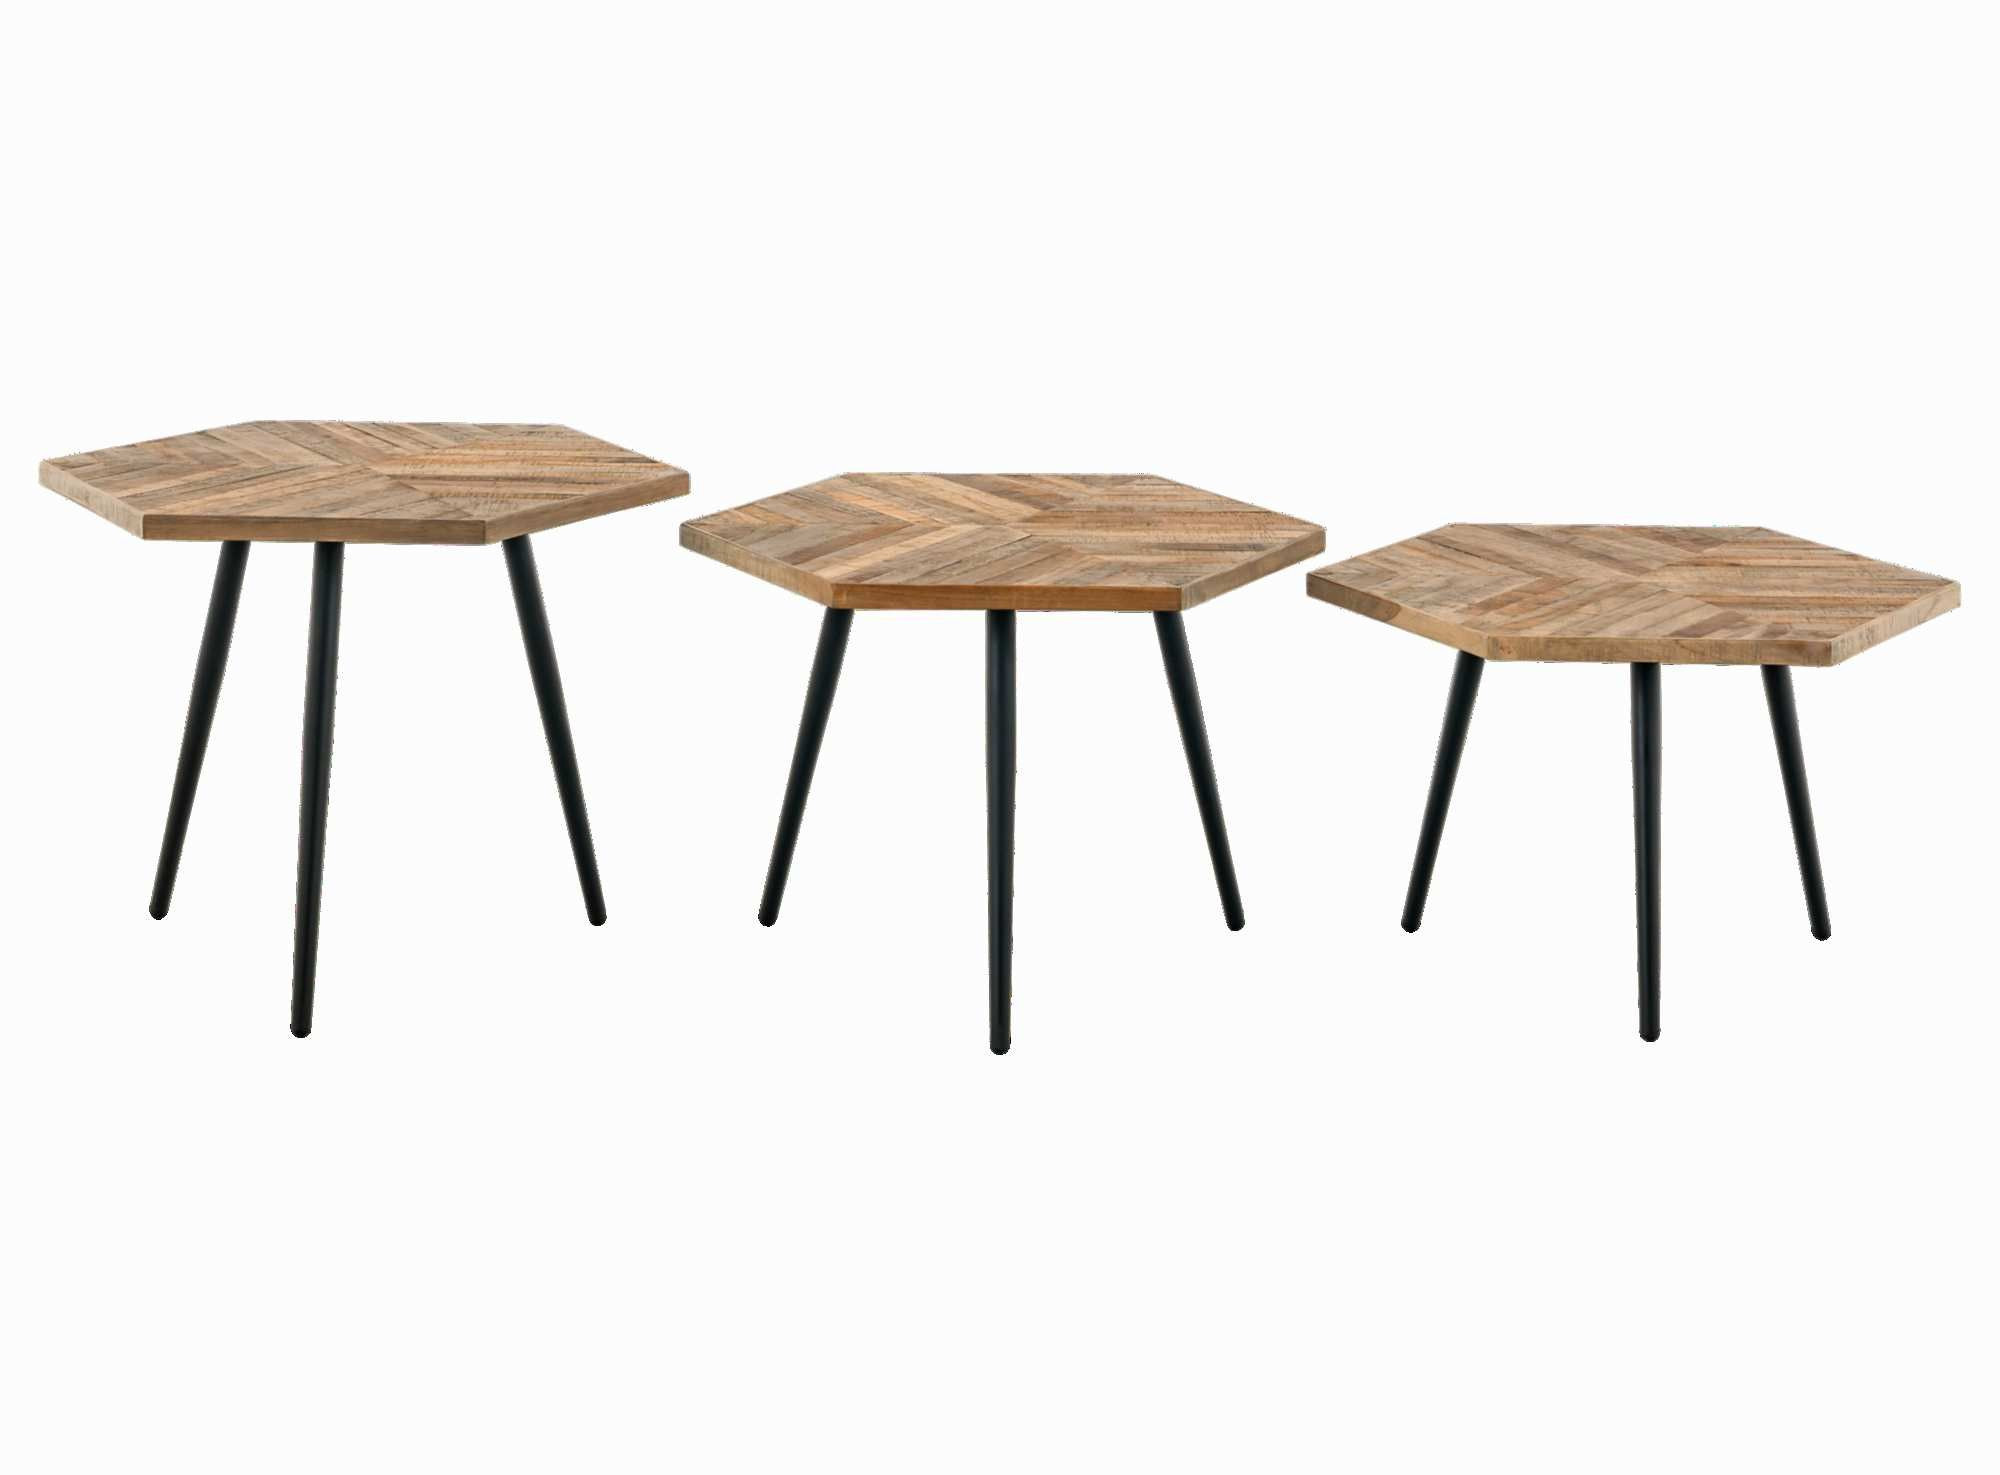 mobilier terrasse charmant meuble de jardin pas cher table de terrasse pas cher meuble de mobilier terrasse